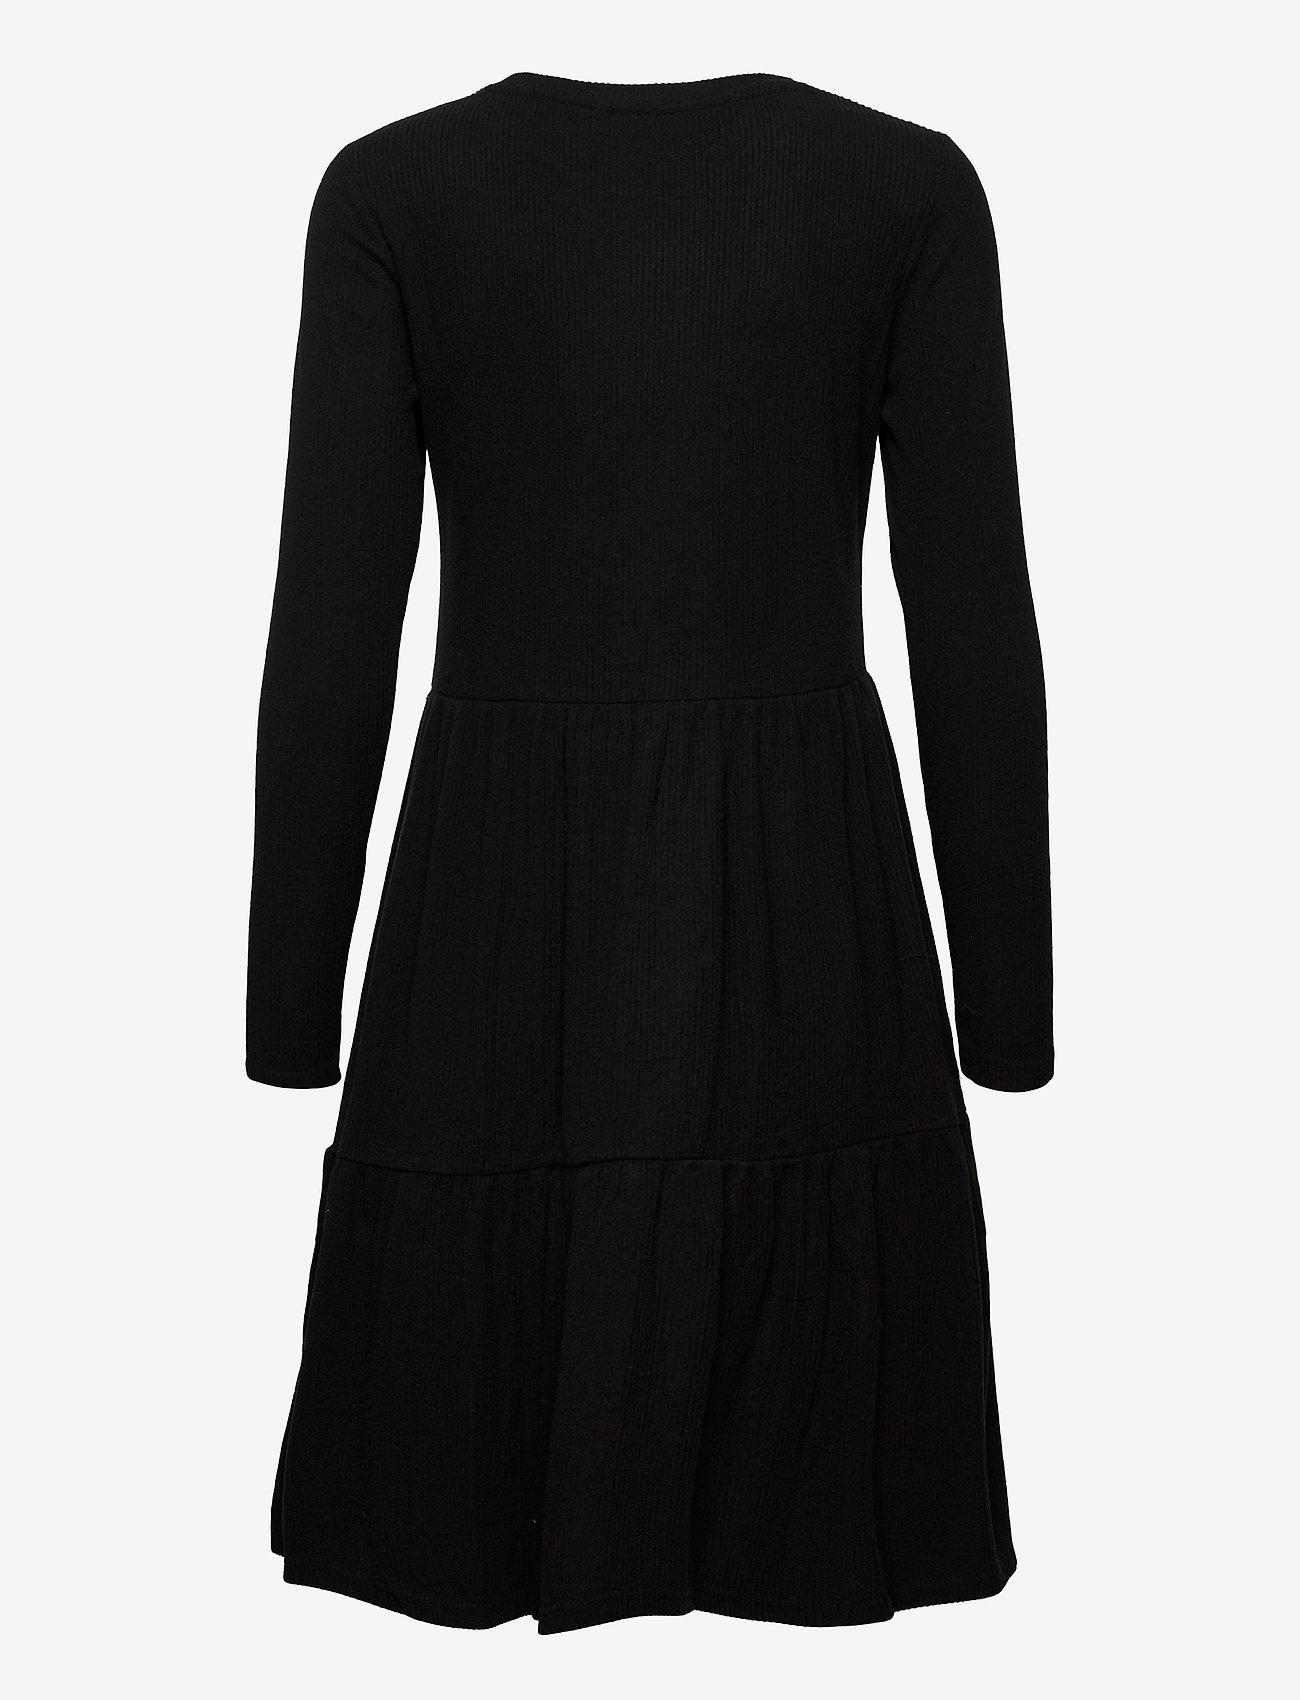 b.young - BYPERSIA DRESS - - midi kjoler - black - 1